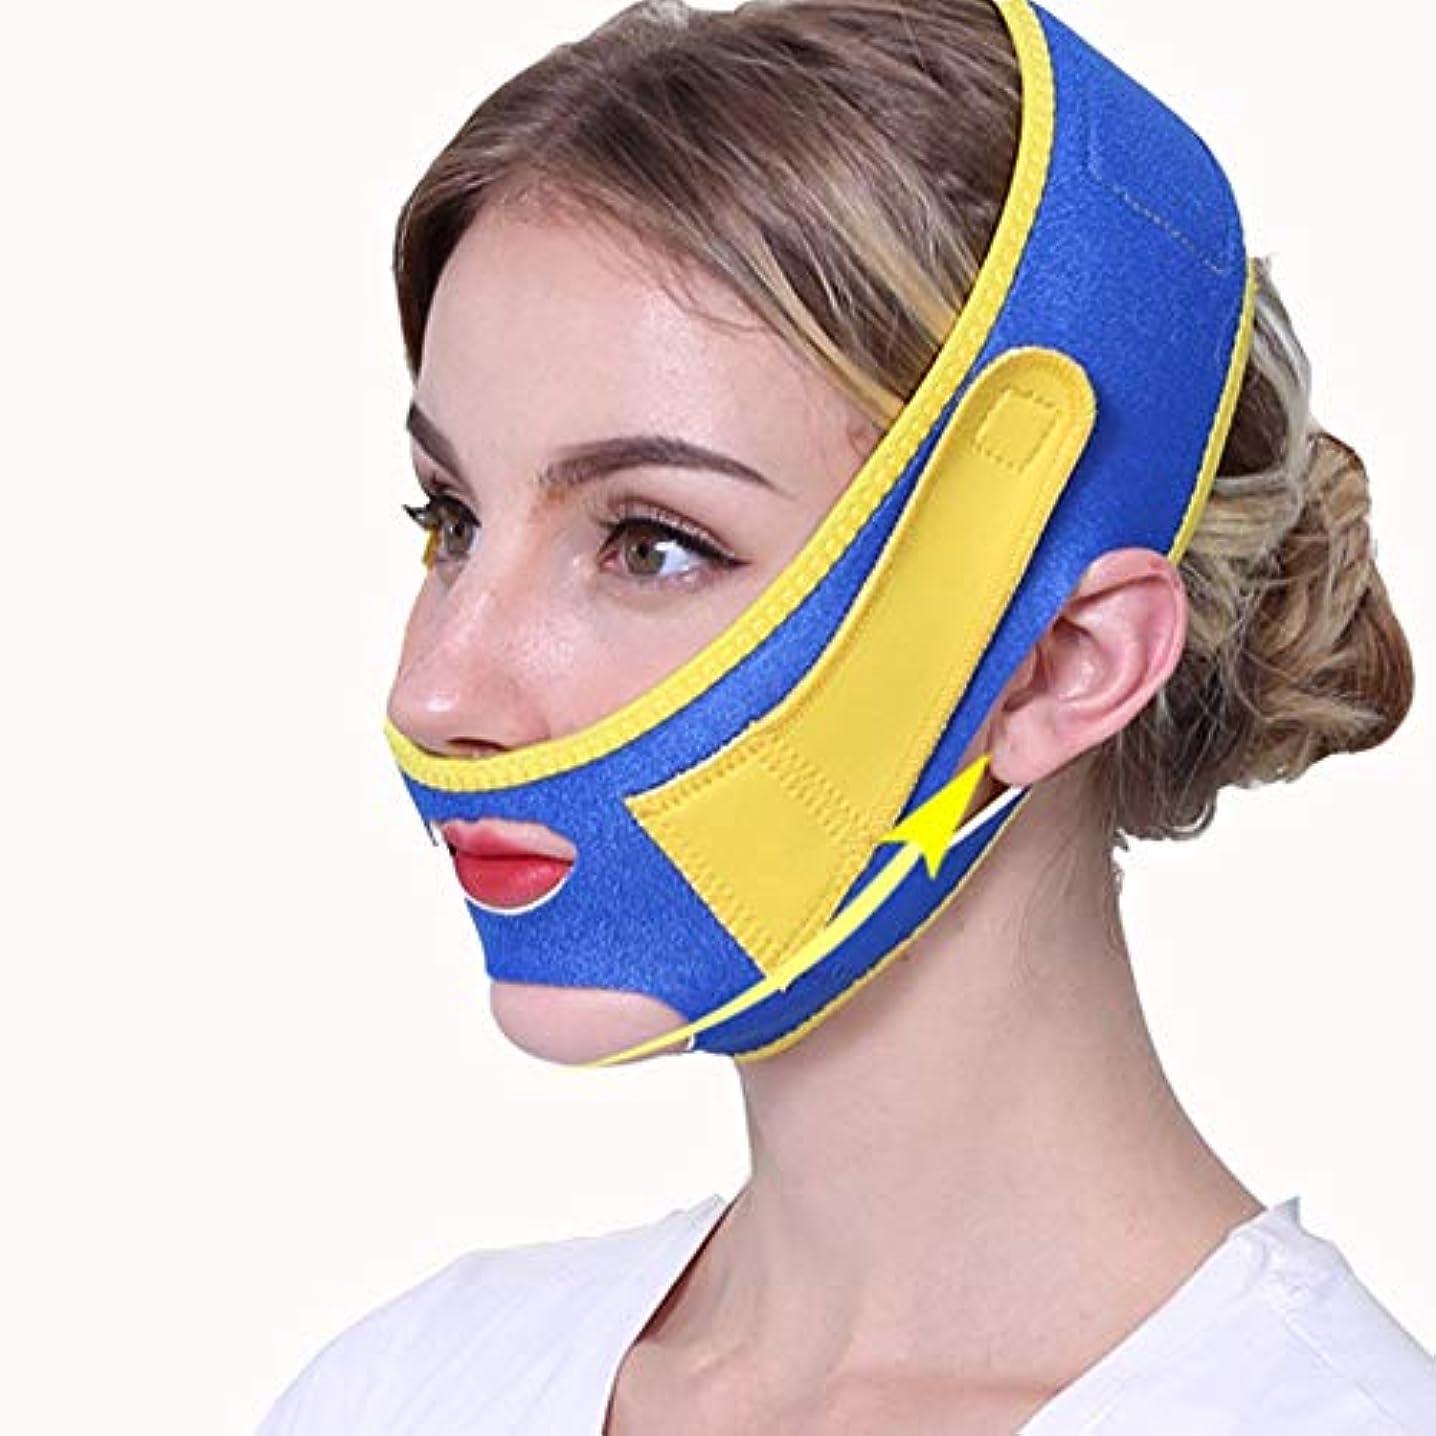 文明化する民間ボアフェイシャルリフティング痩身ベルトフェイス包帯マスク整形マスクフェイスベルトを引き締める薄型フェイス包帯整形マスクフェイスと首の顔を引き締めスリム